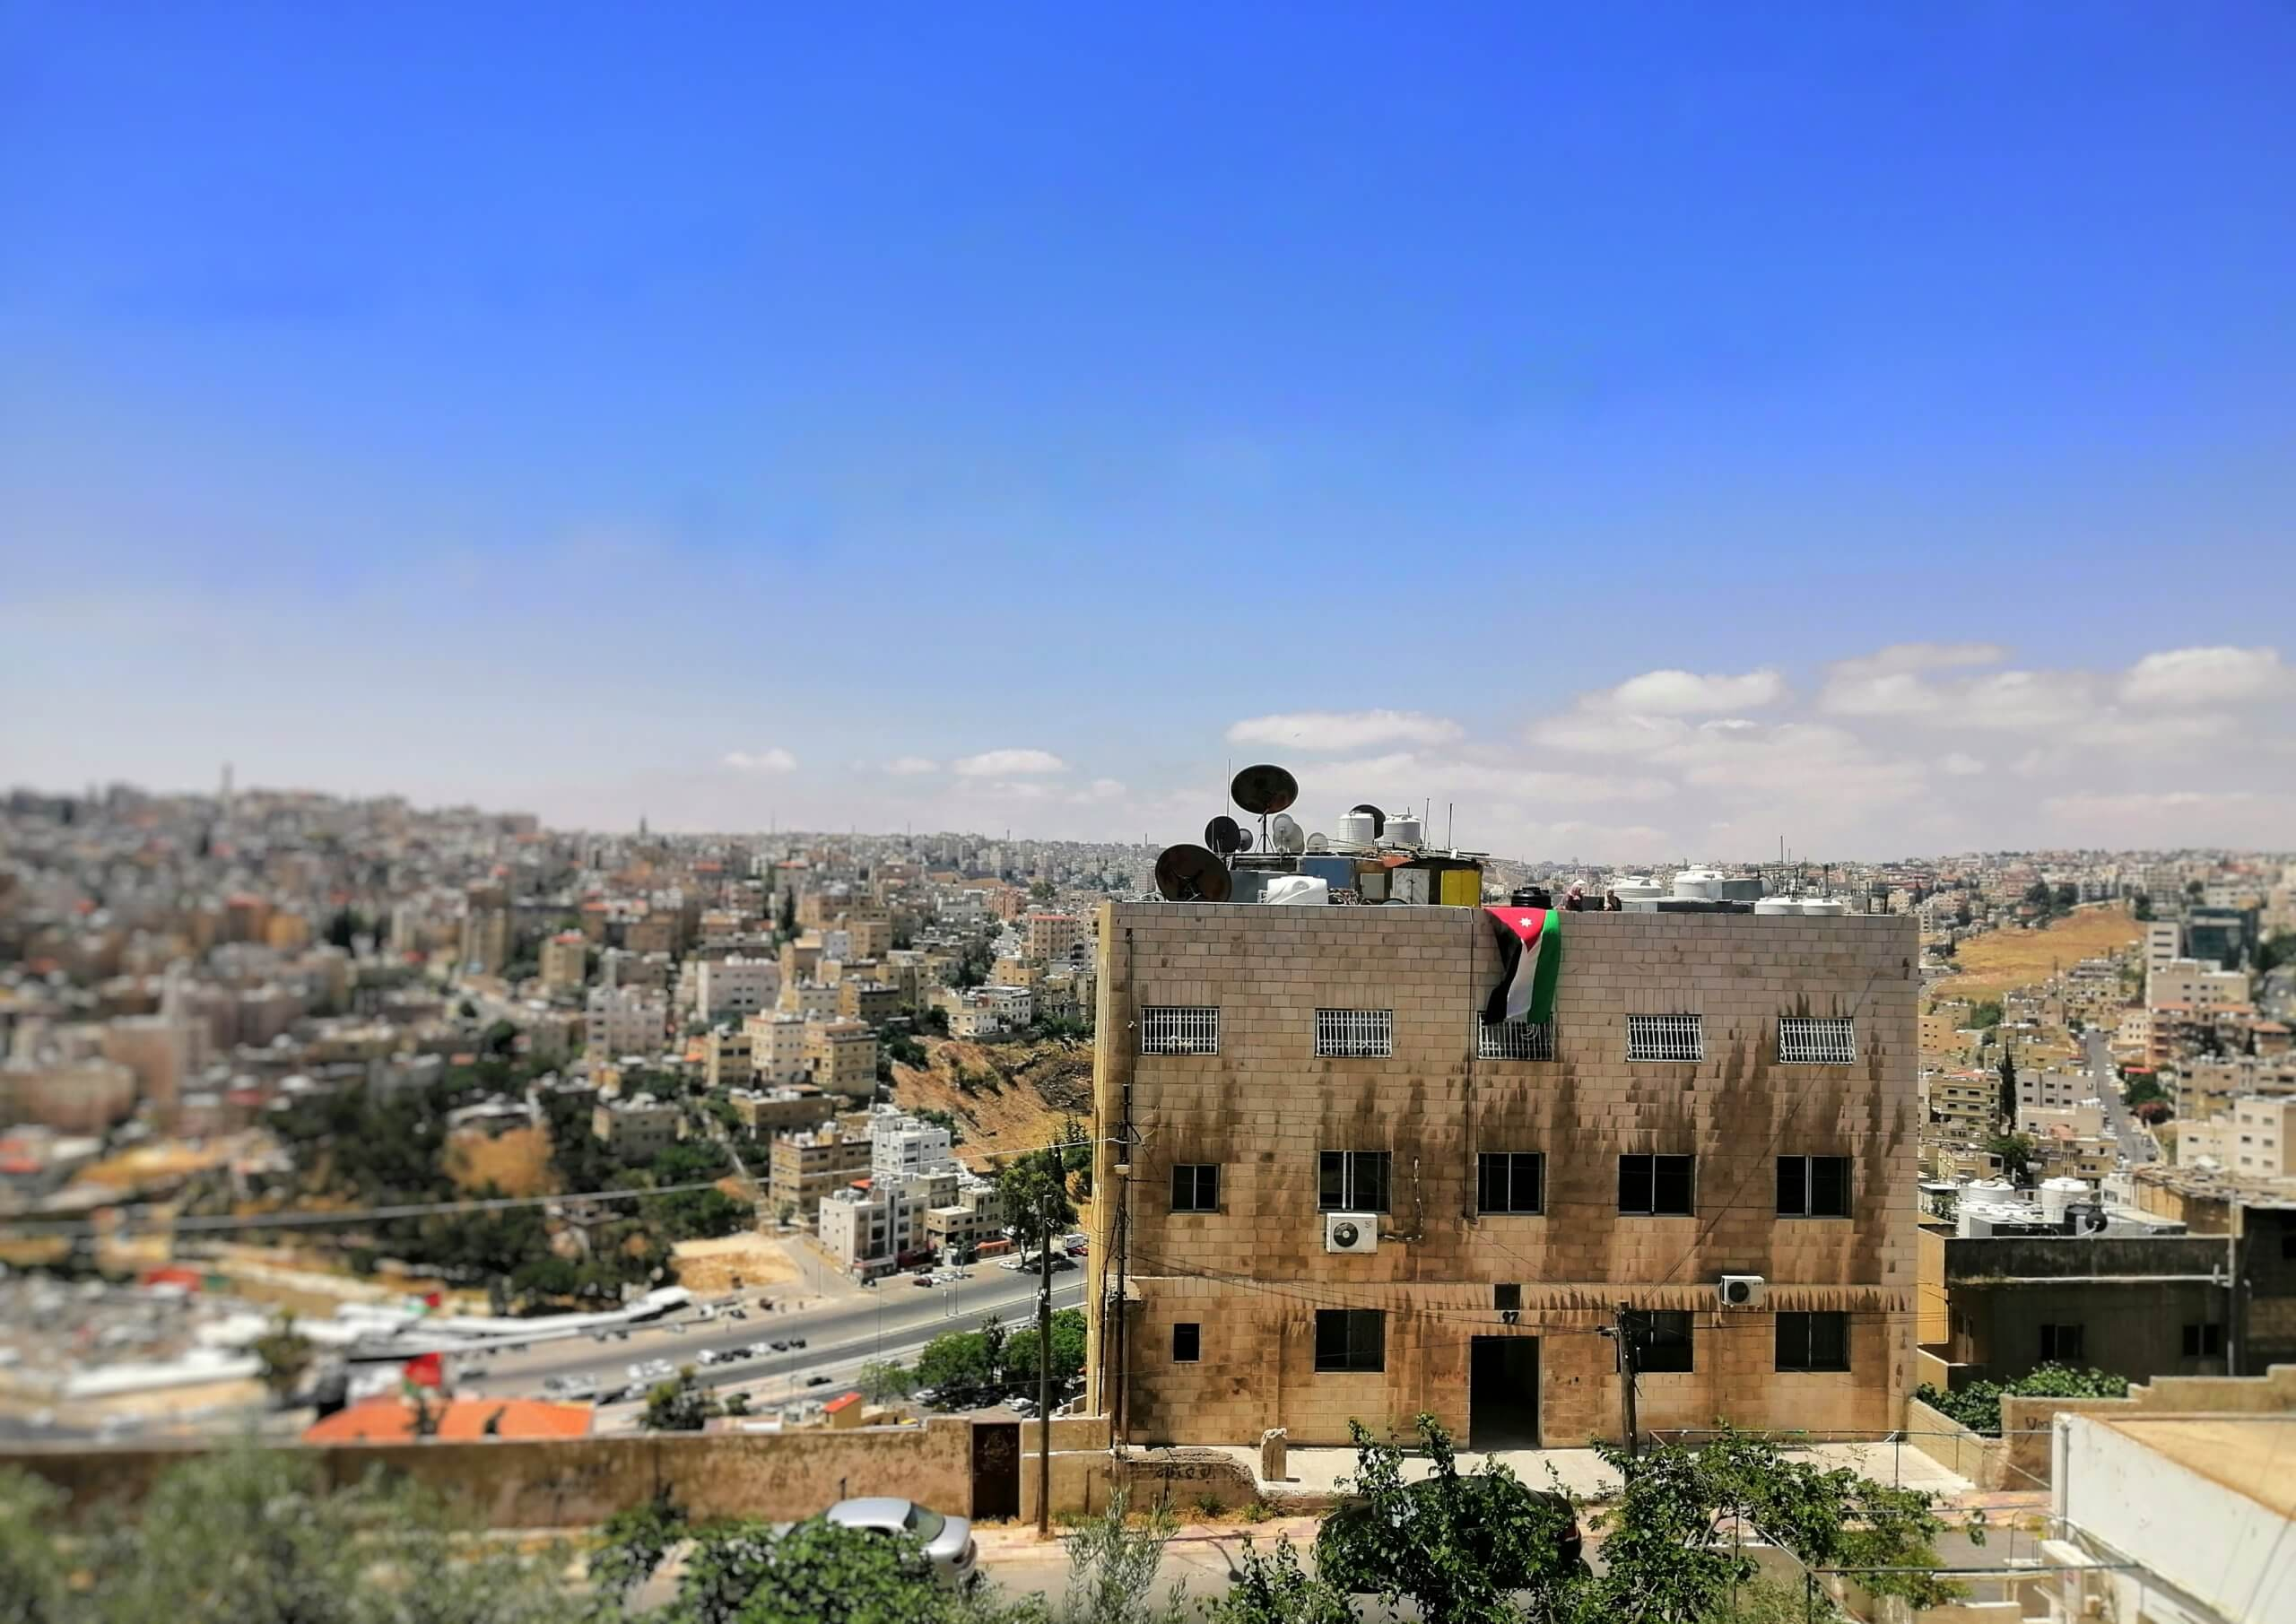 ヨルダン:青空と国旗